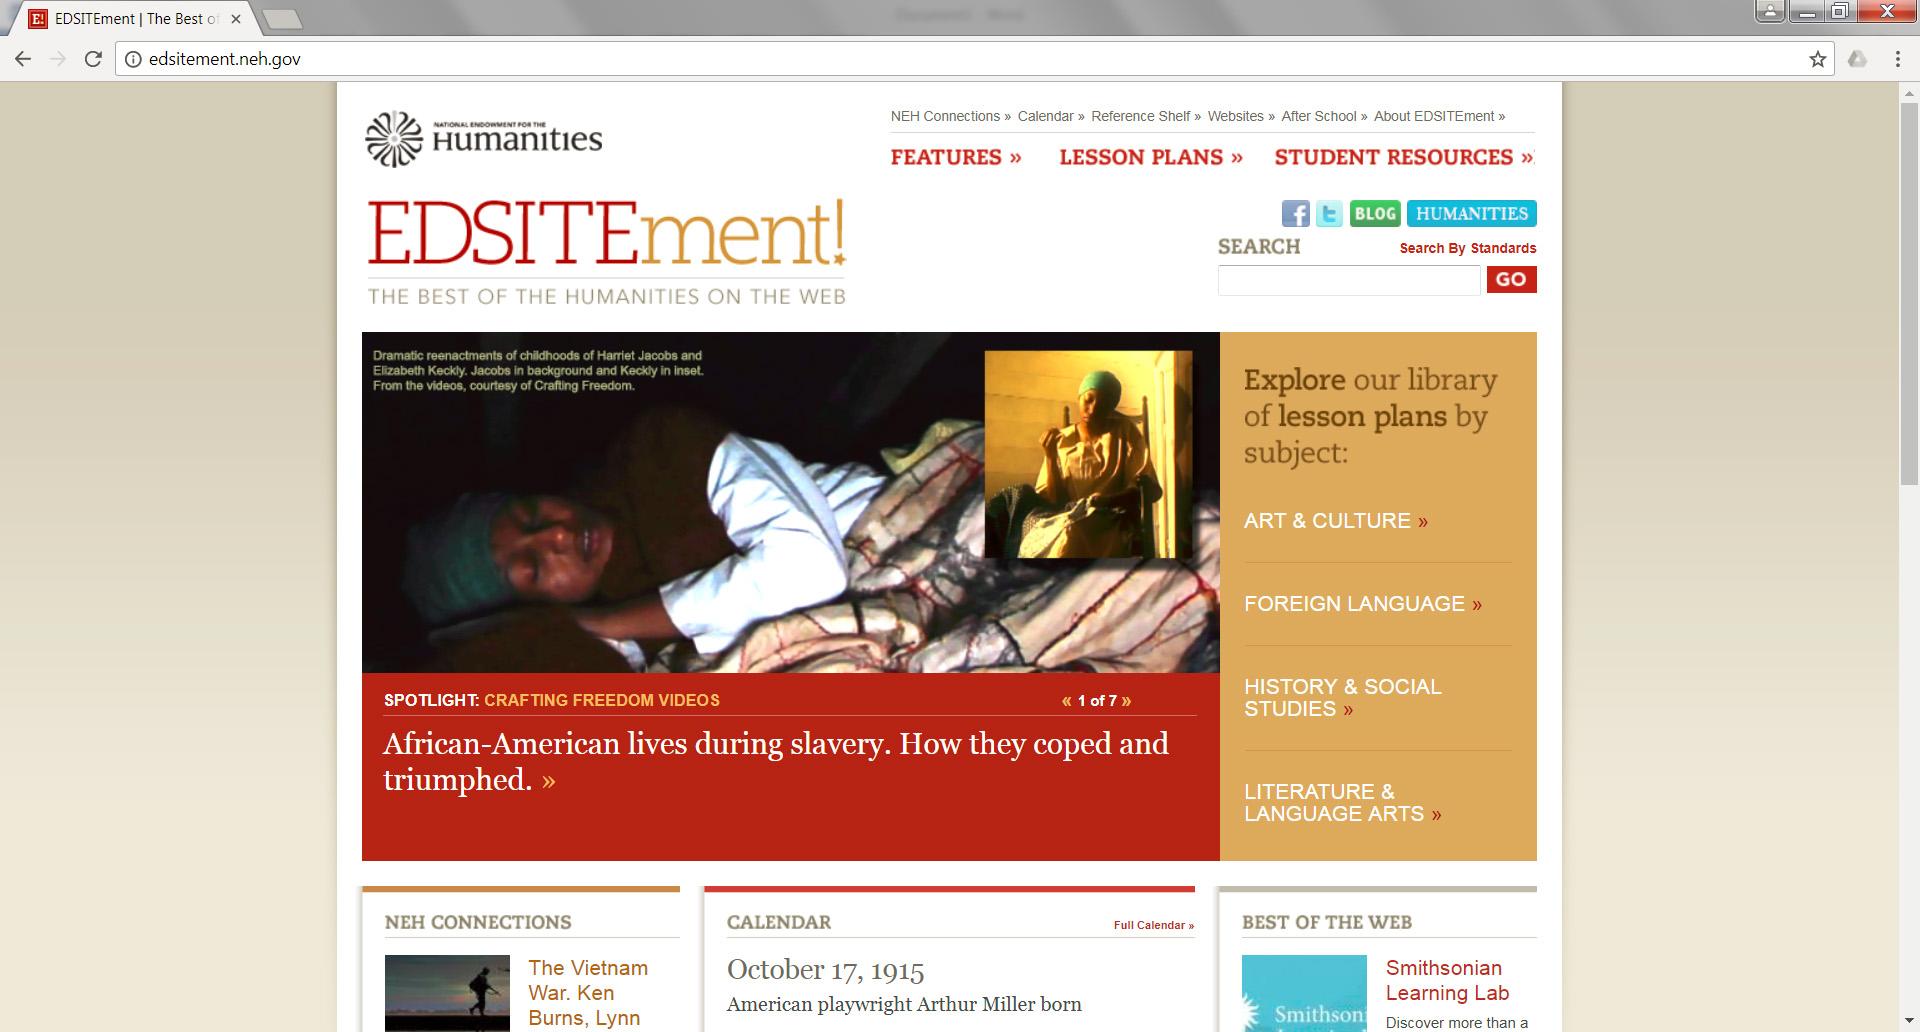 Edsitement_Screenshot_cropped.jpg